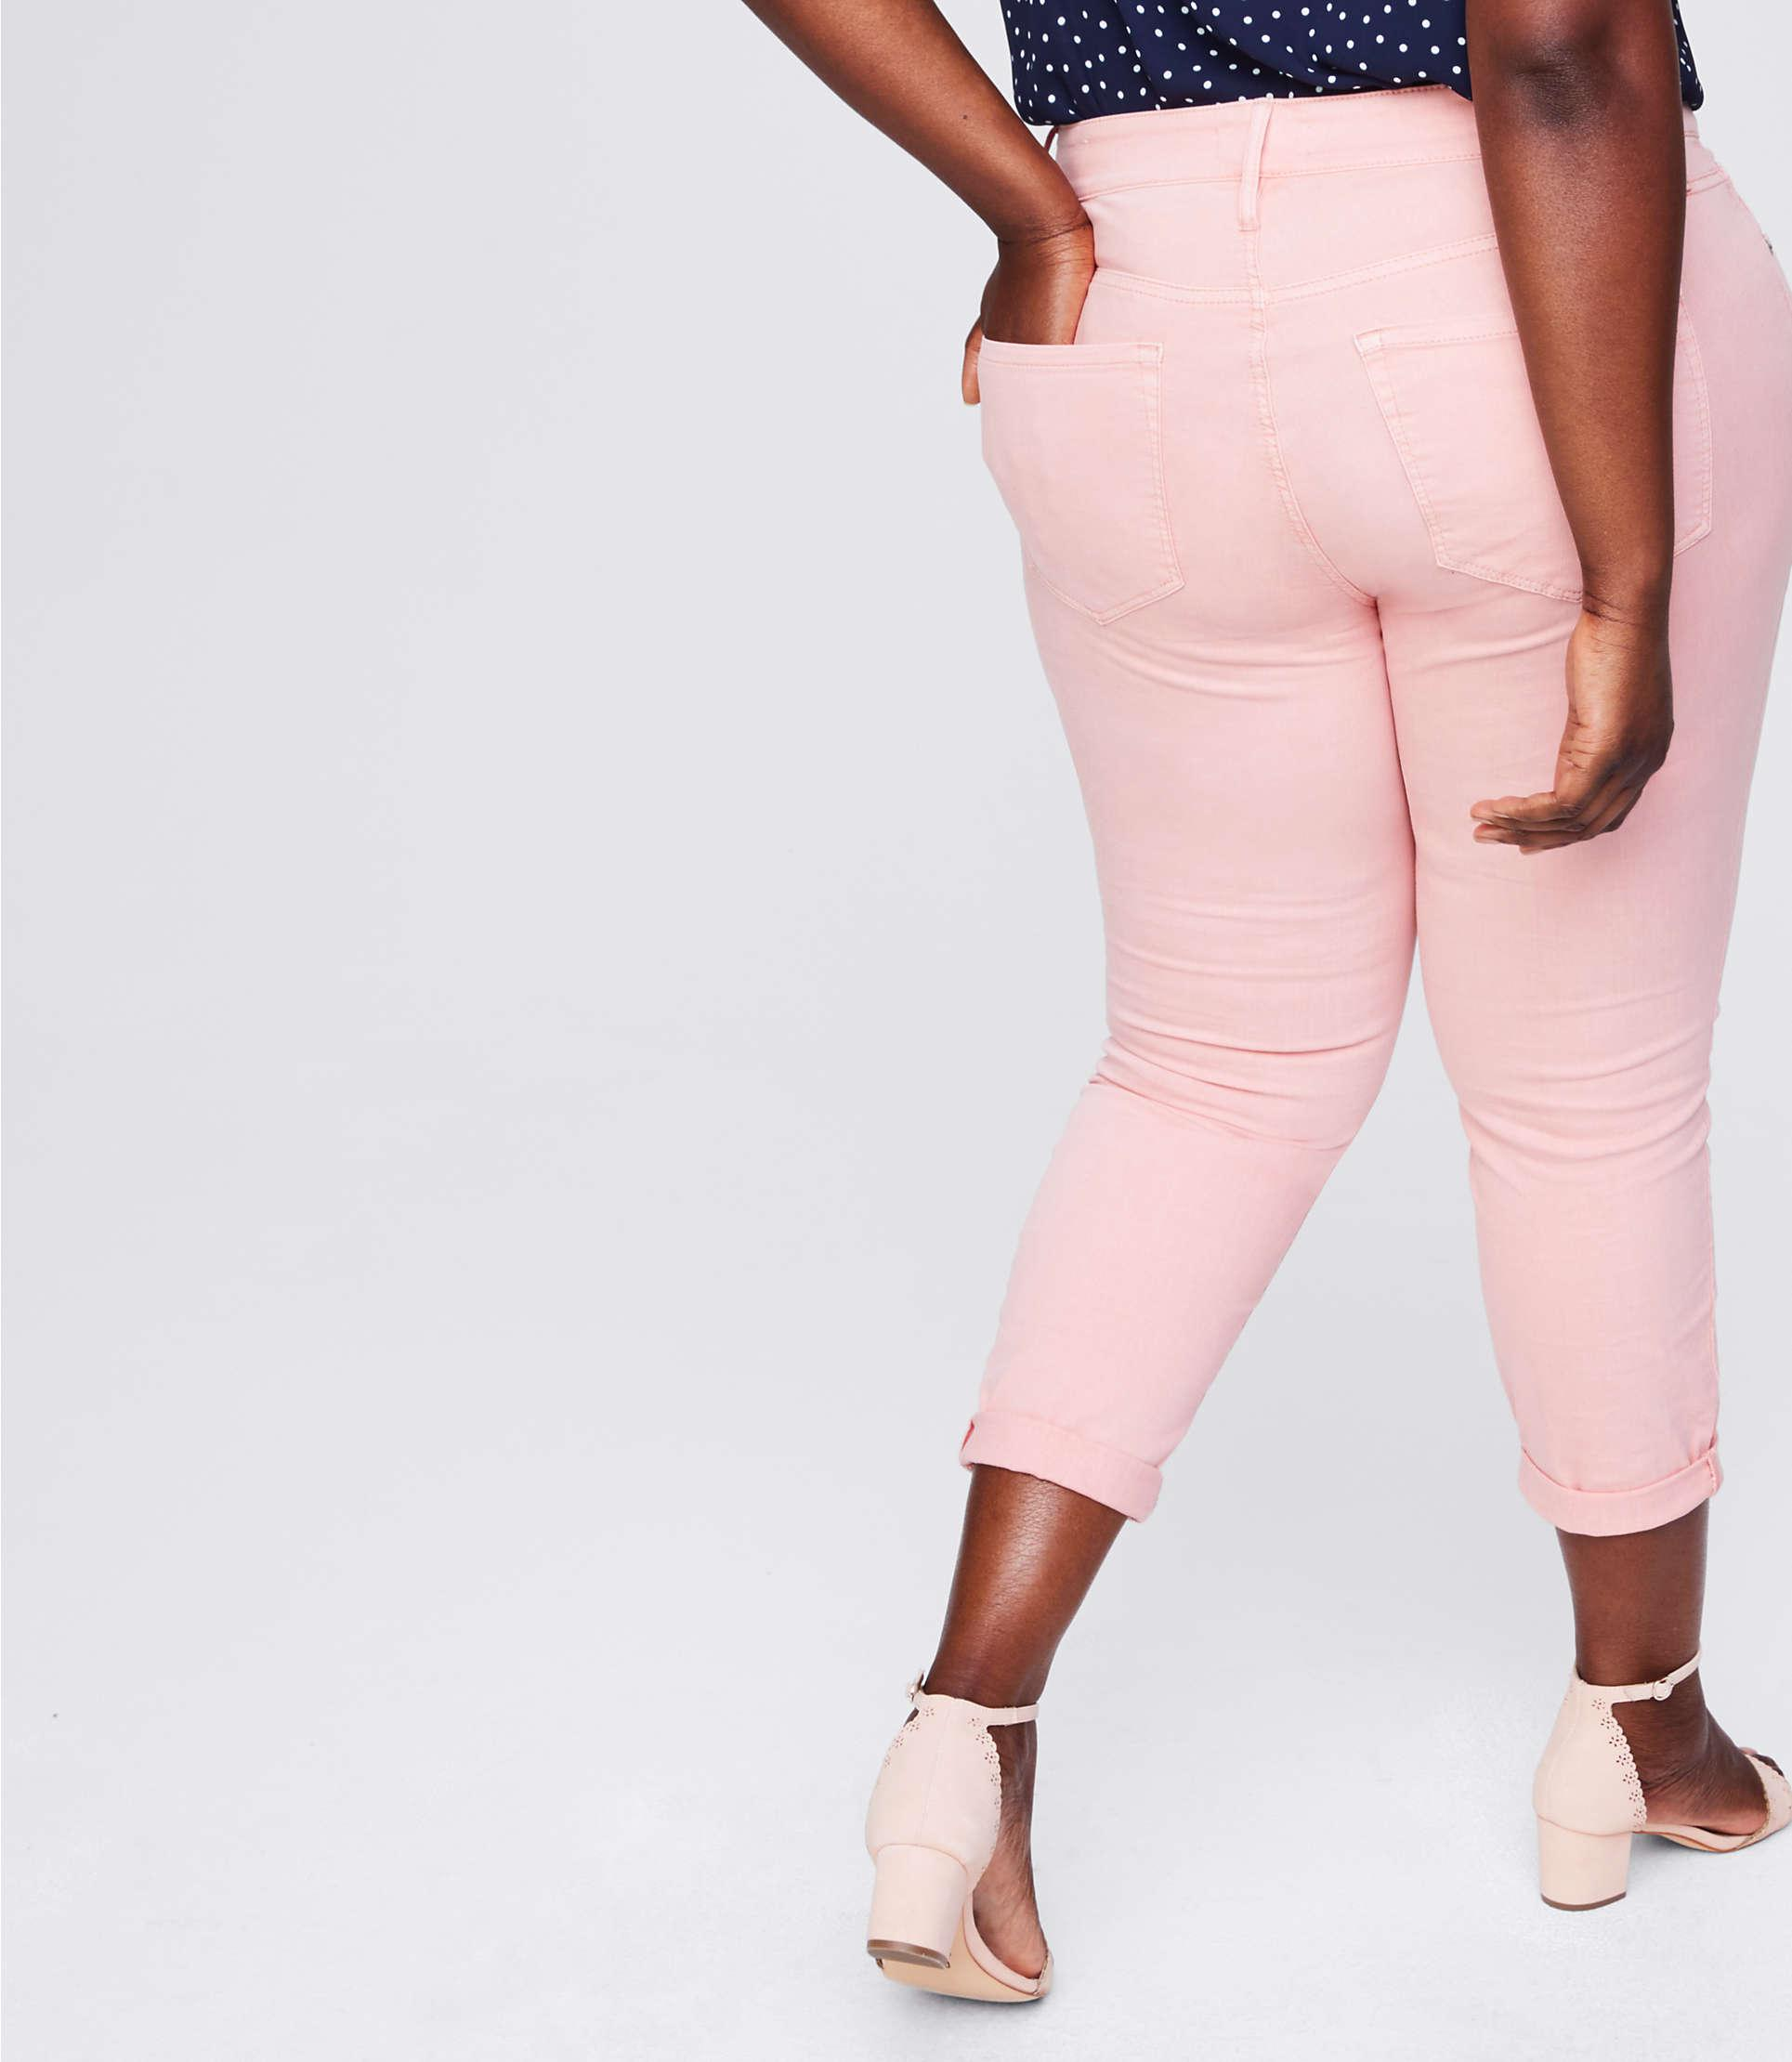 LOFT Denim Plus Skinny Crop Jeans in Peach Sorbet (Pink)